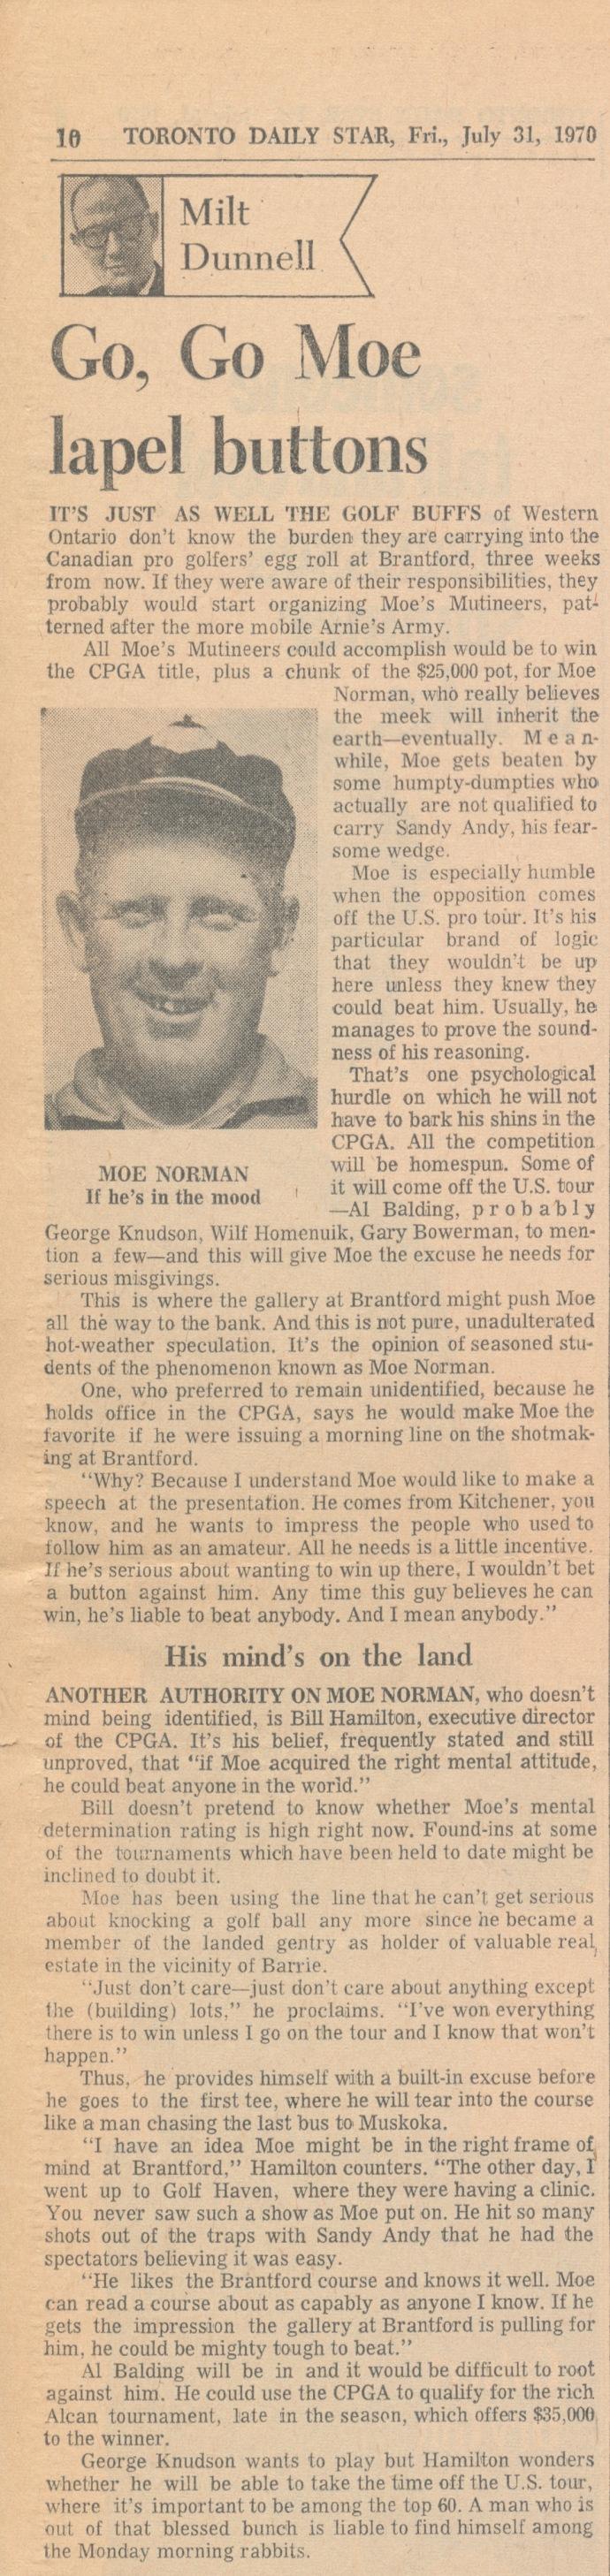 1970 Toronto Daily Go, Go Moe.jpg